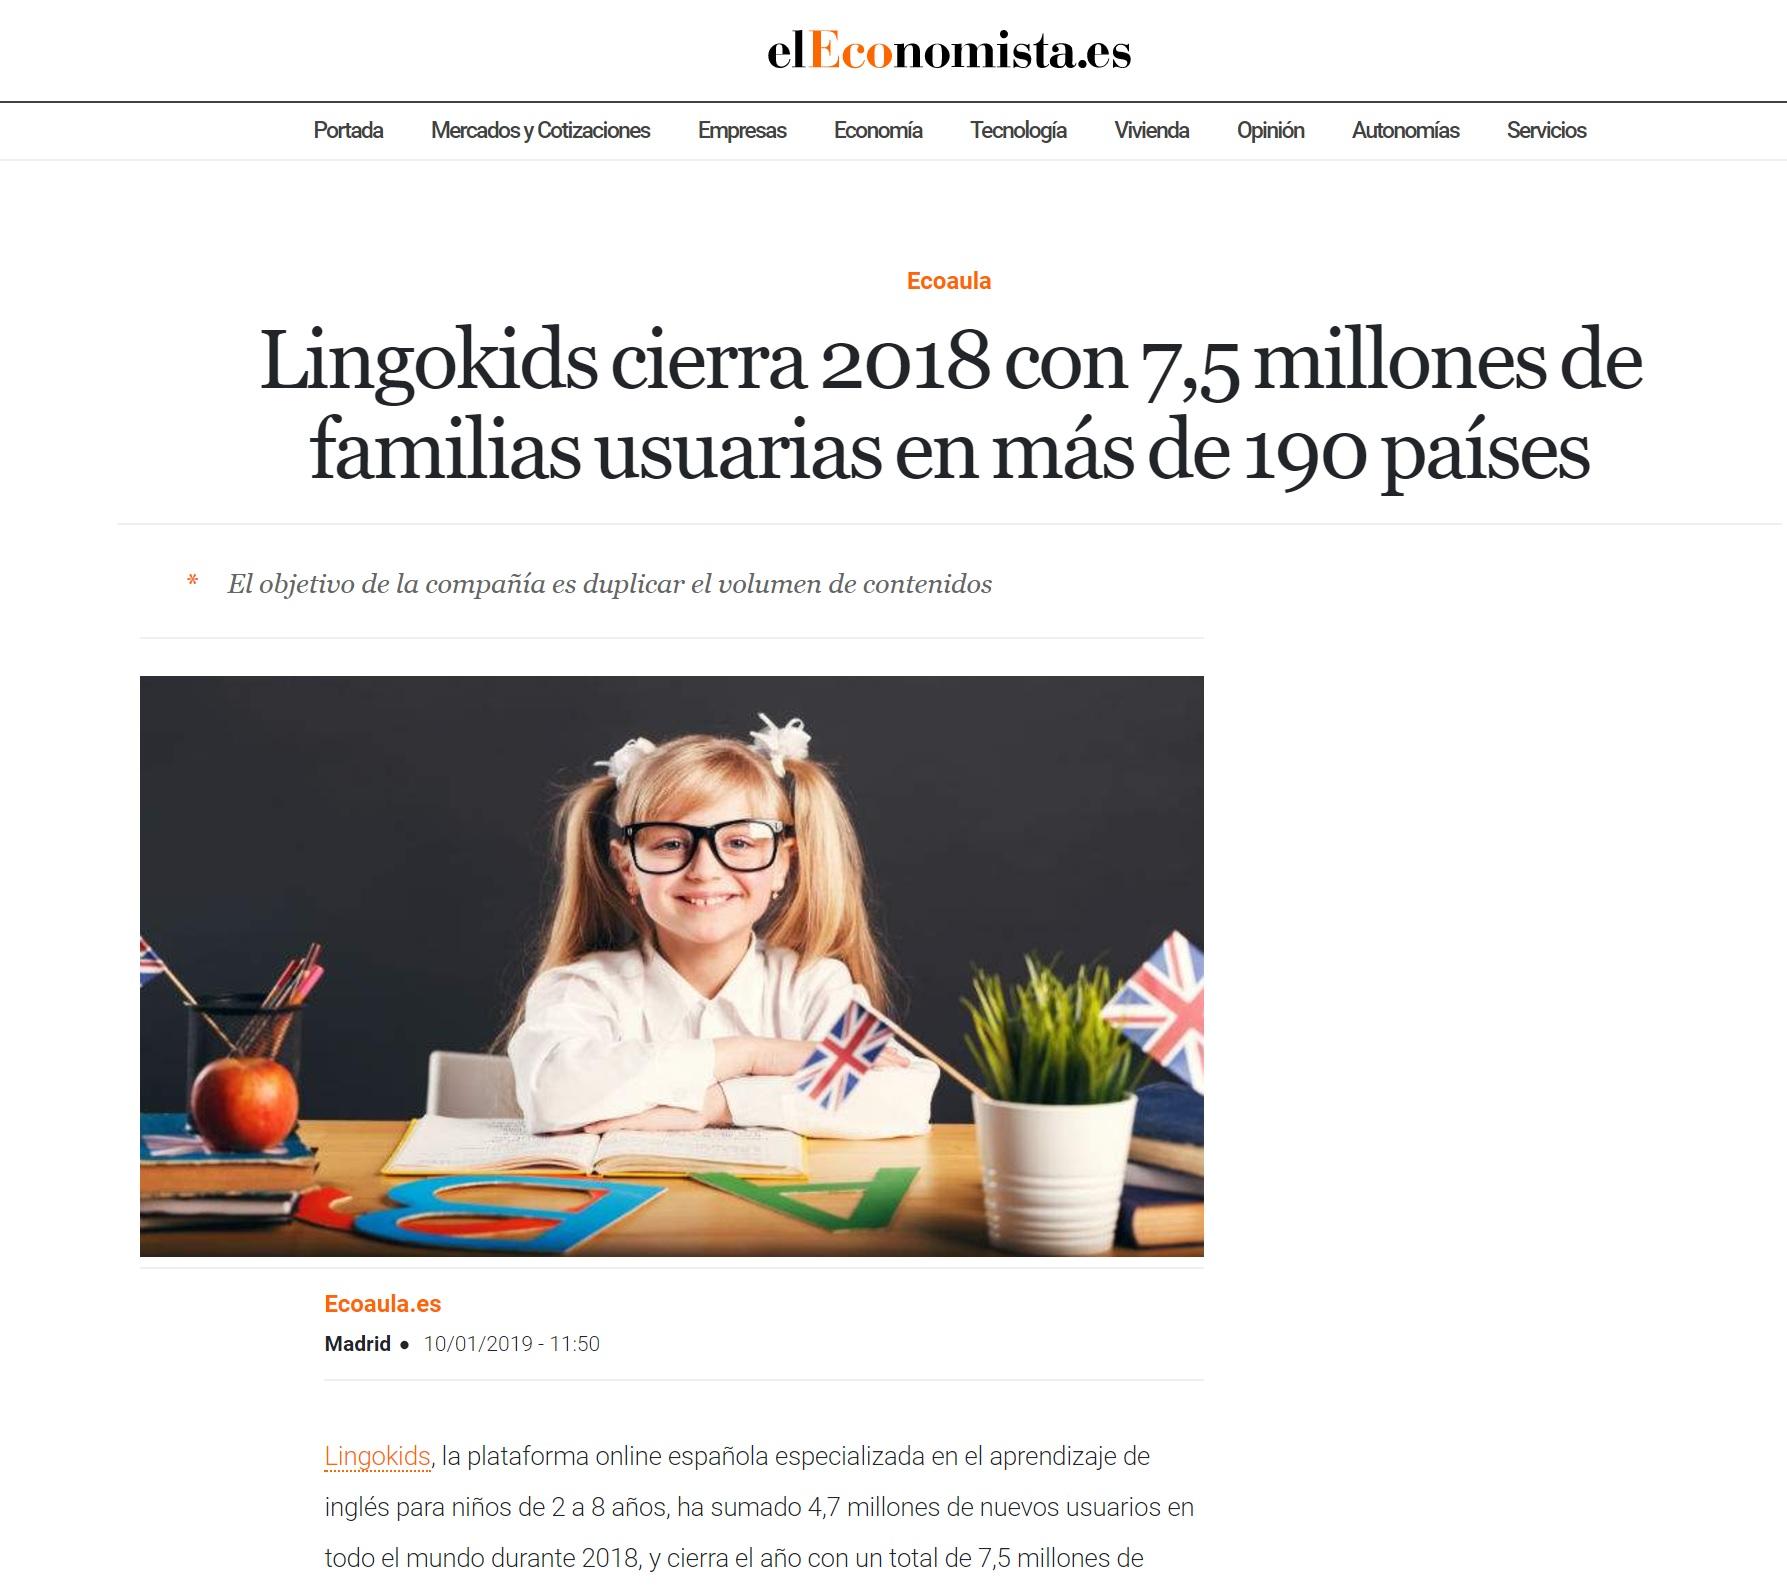 Noticia evolución y crecimiento de Lingokids y colaboración Nemomarlin Escuelas Infantiles